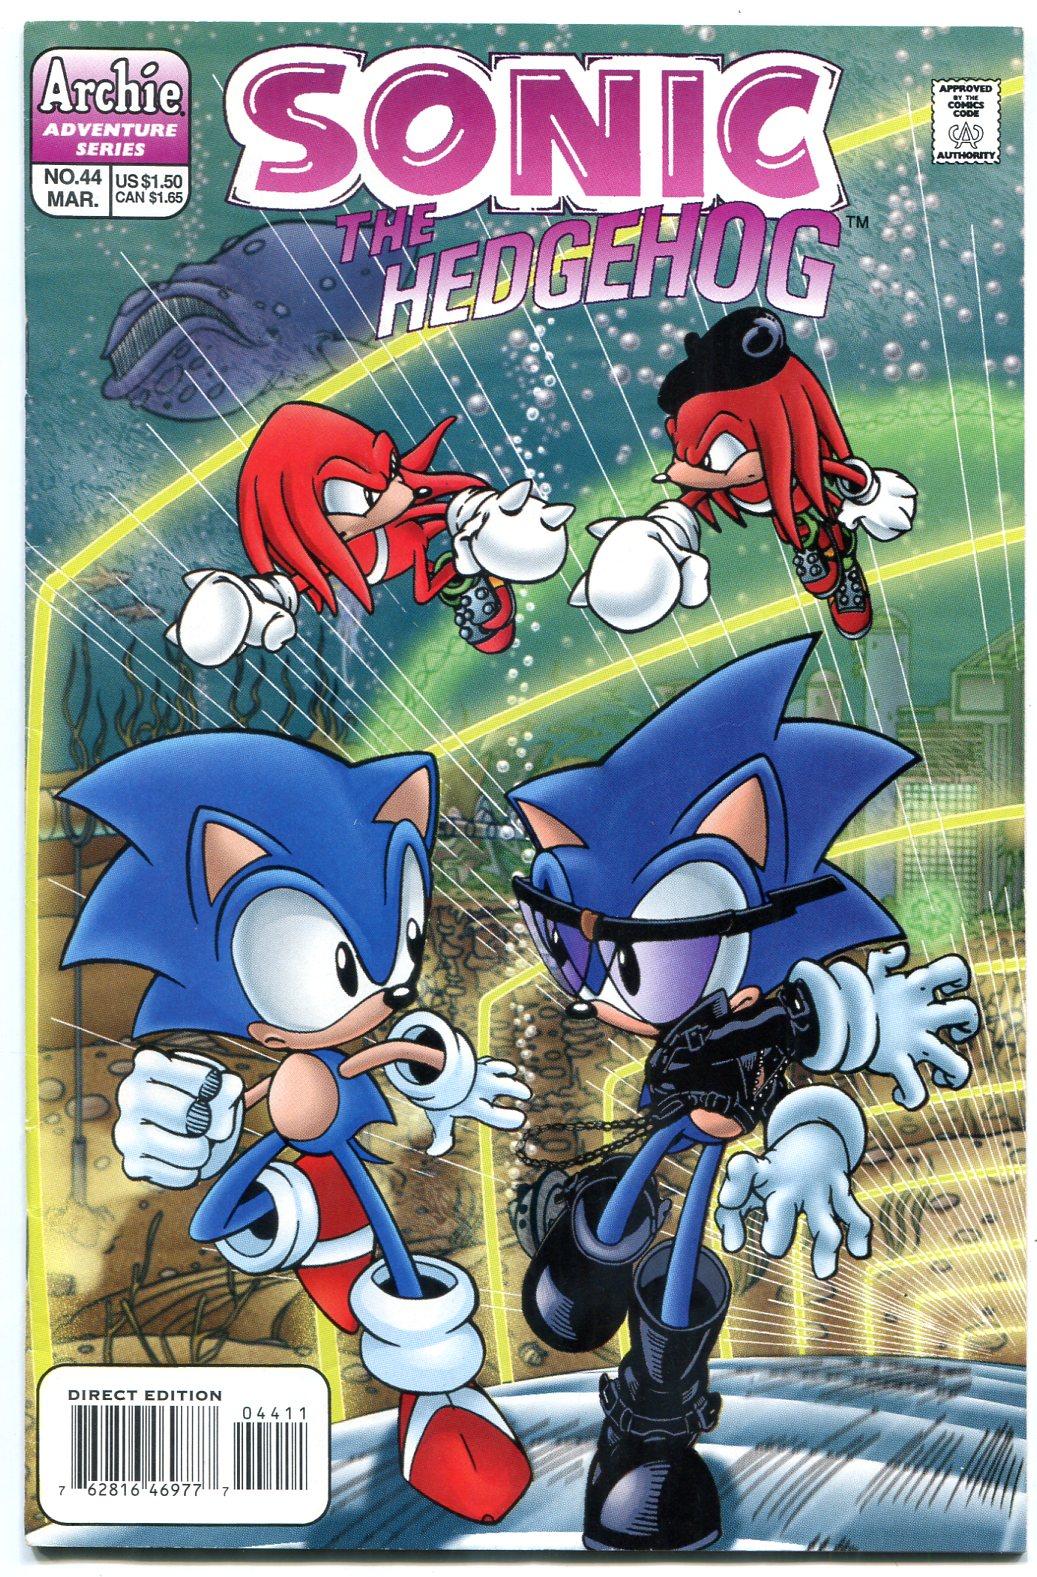 Sonic The Hedgehog 44 1997 Archie Comics Sega 1997 Comic Dta Collectibles